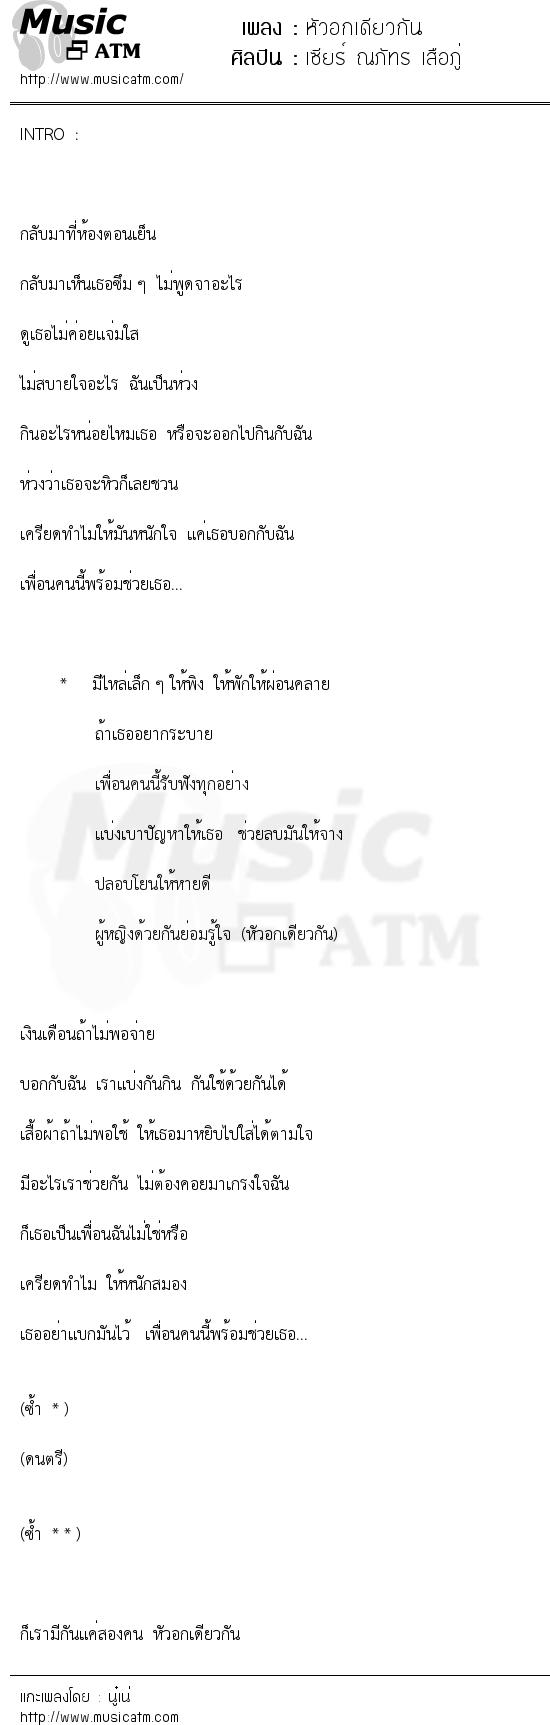 เนื้อเพลง หัวอกเดียวกัน - เซียร์ ณภัทร เสือภู่ | เพลงไทย